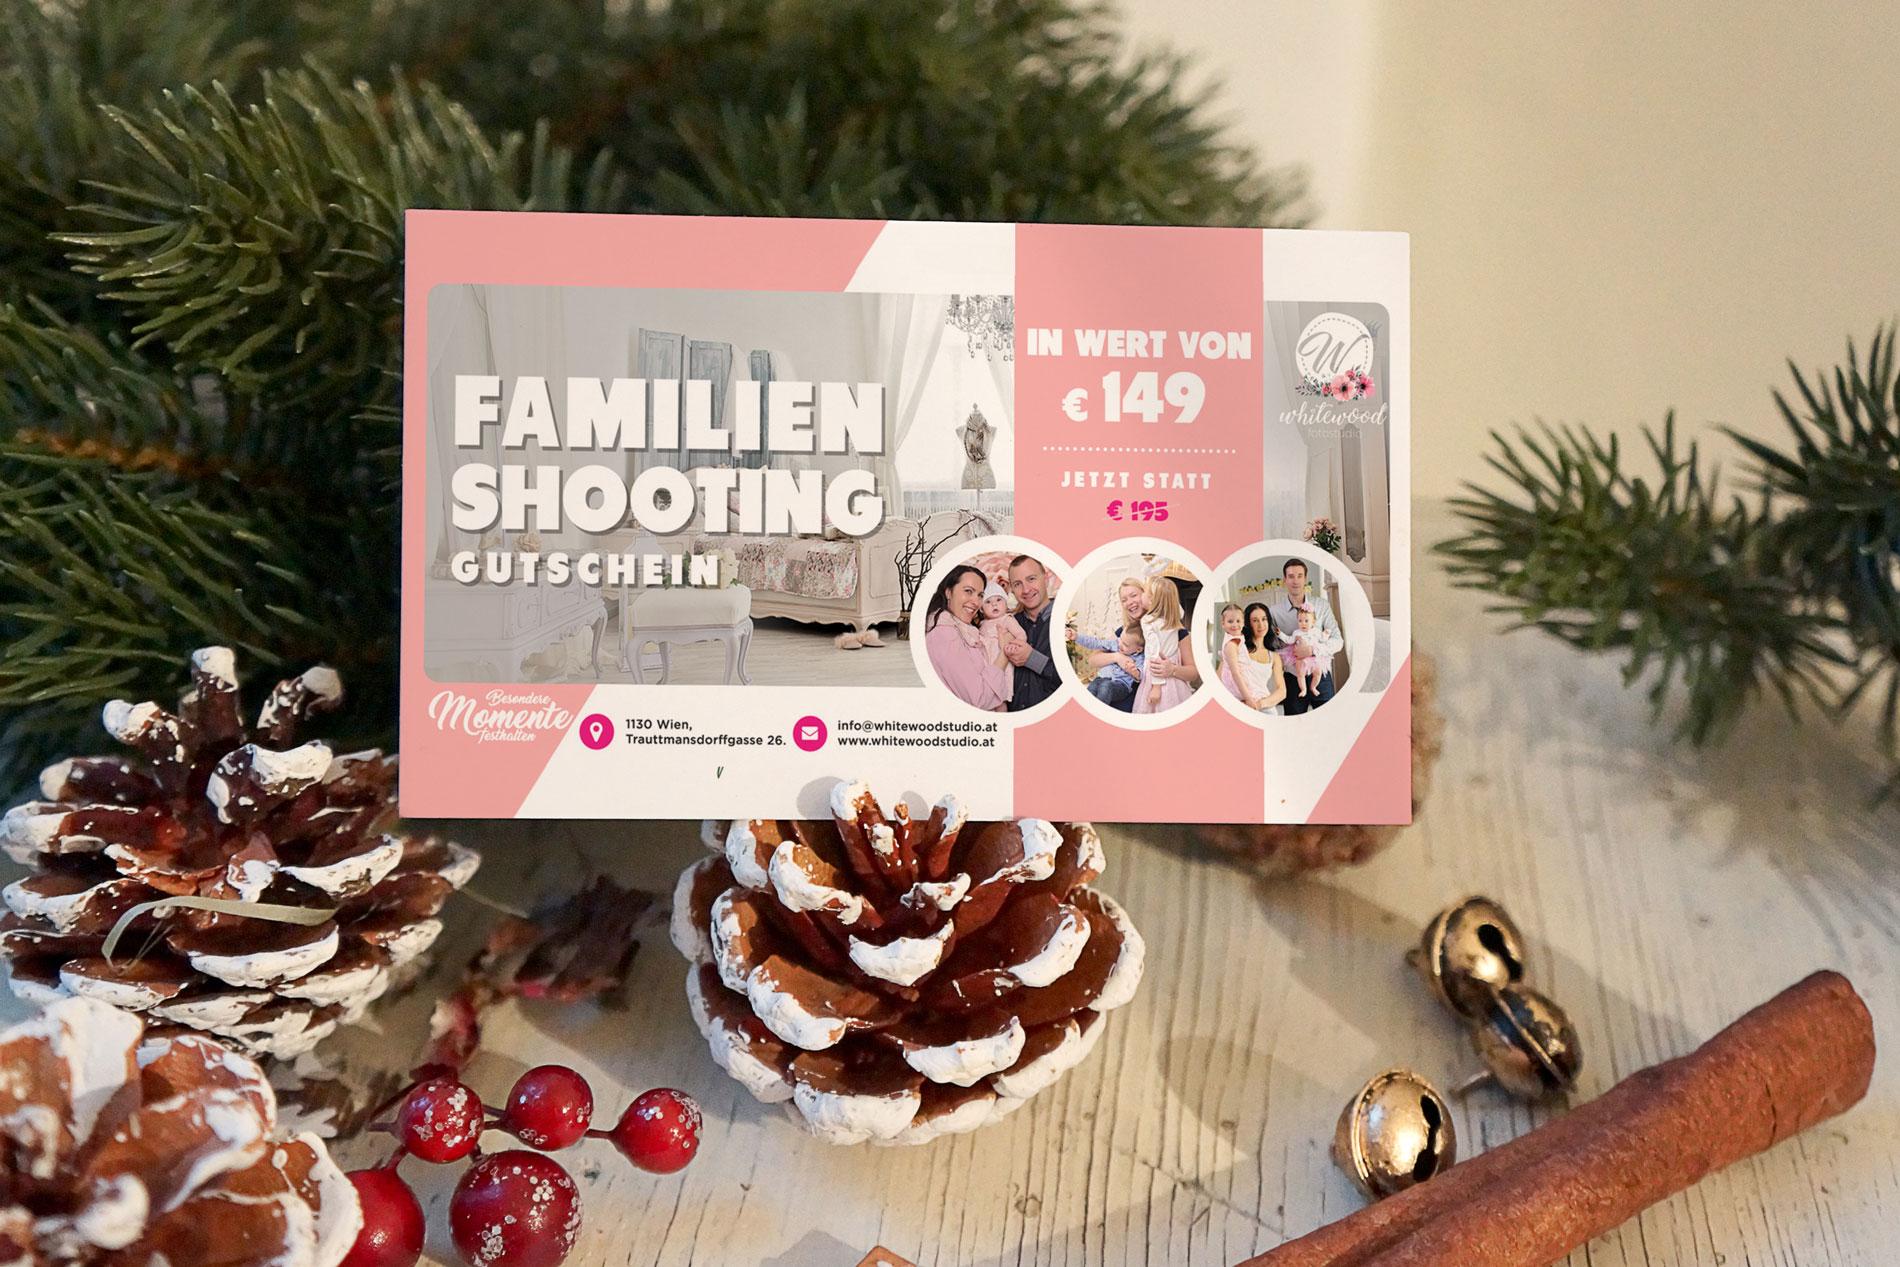 Familienshooting - Gutschein Wien